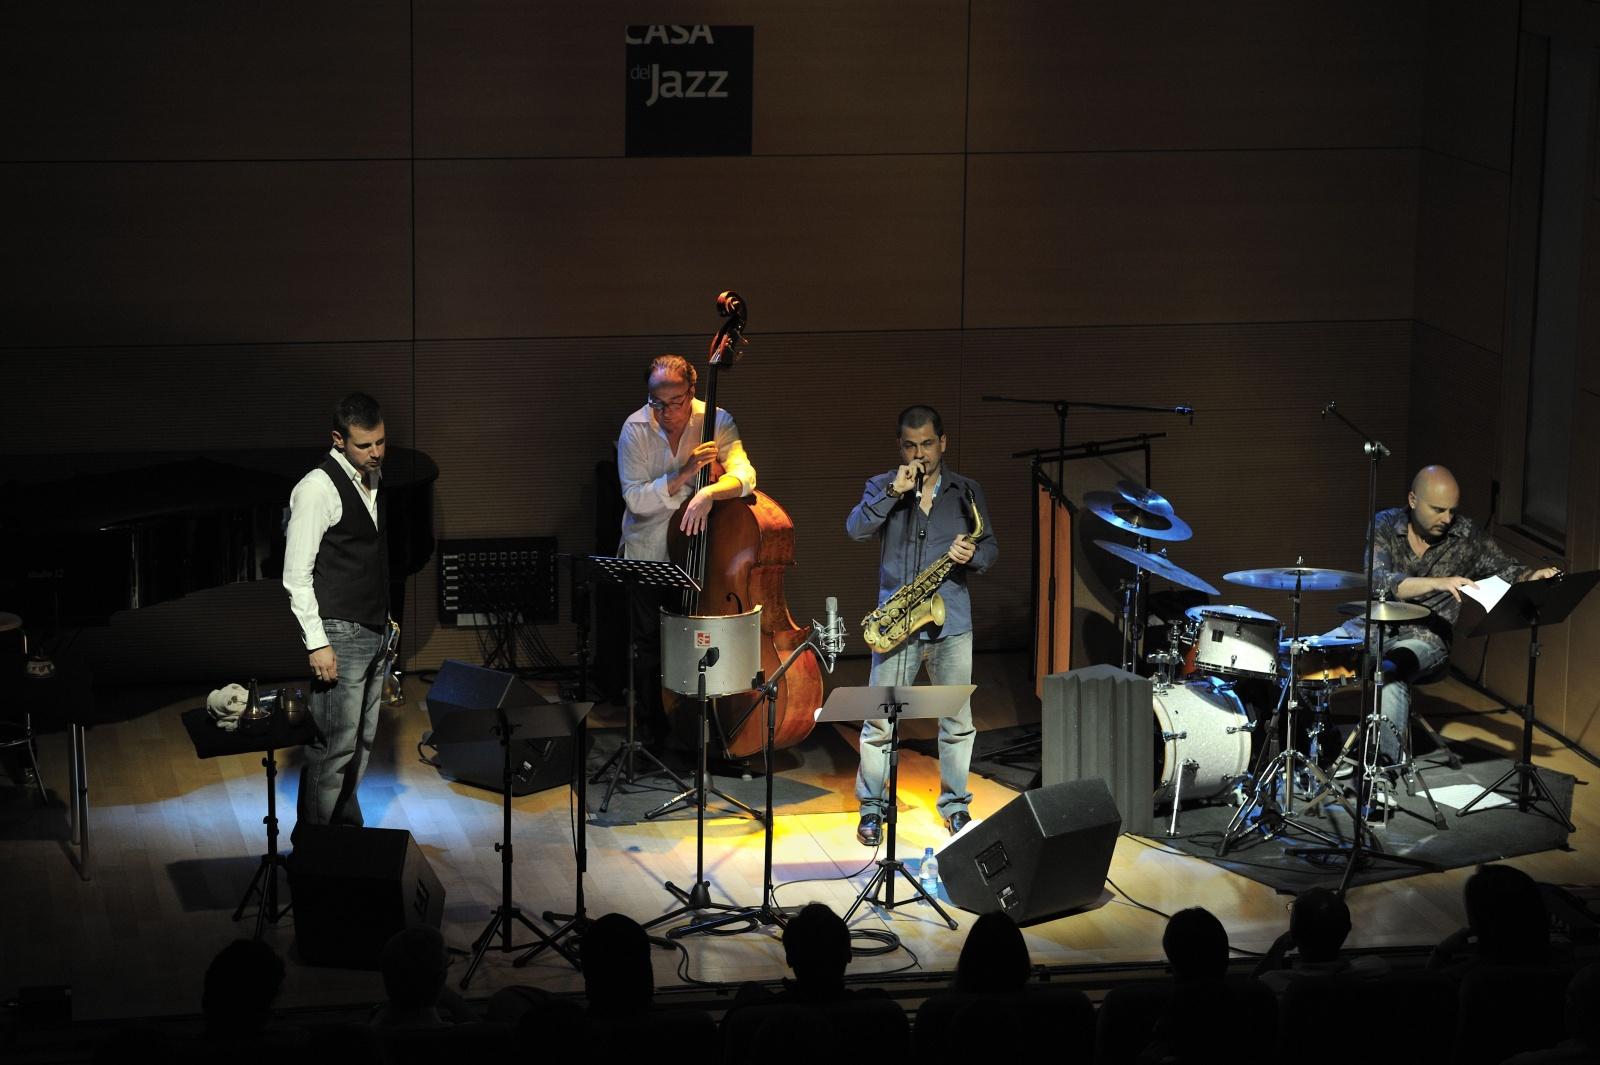 """rosario giuliani """"tributo ad ornette coleman"""" - casa del jazz 21/5/2011 - rosario giuliani alto sax, fabrizio bosso tromba, rosario bonaccorso contrabbasso, marcello di leonardo batteria."""